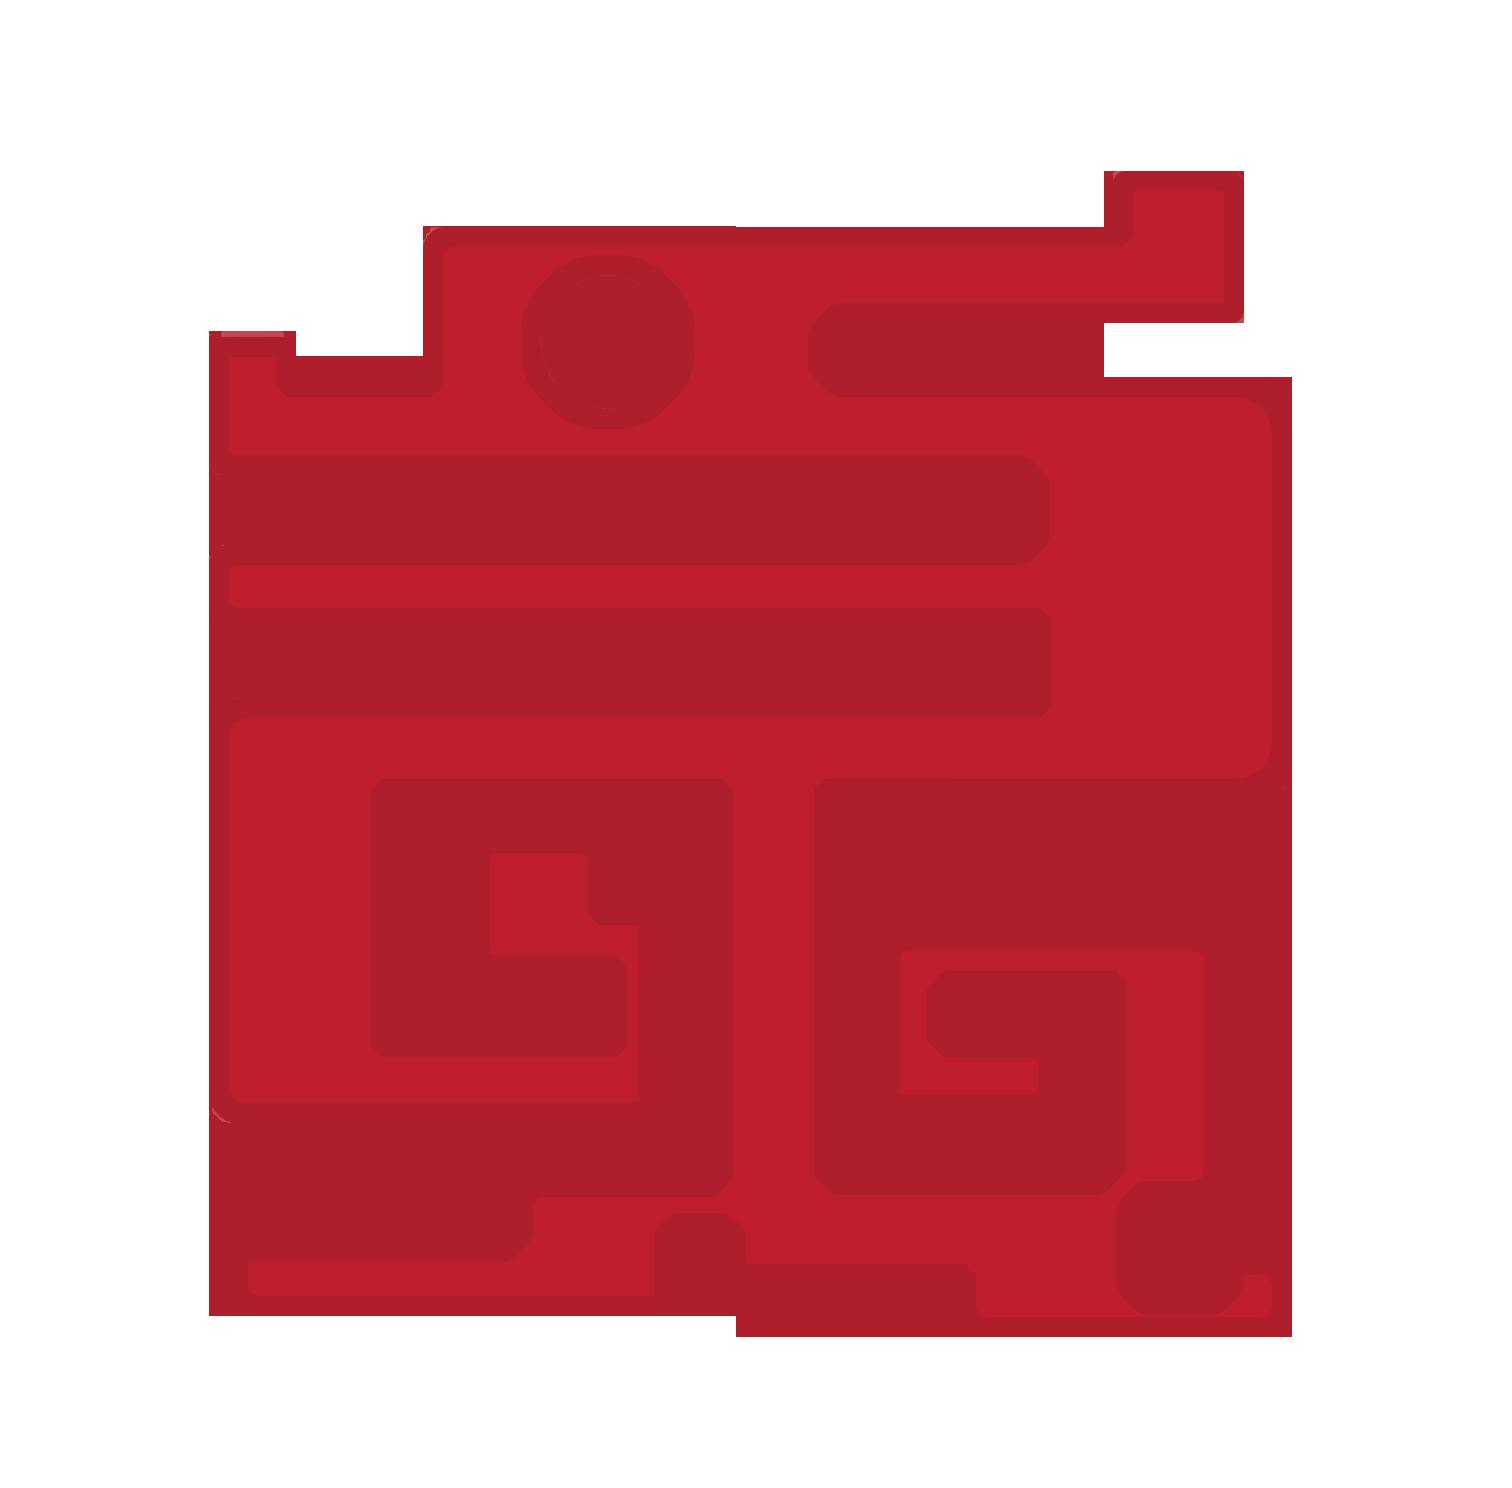 灵龙艺游数码科技有限公司